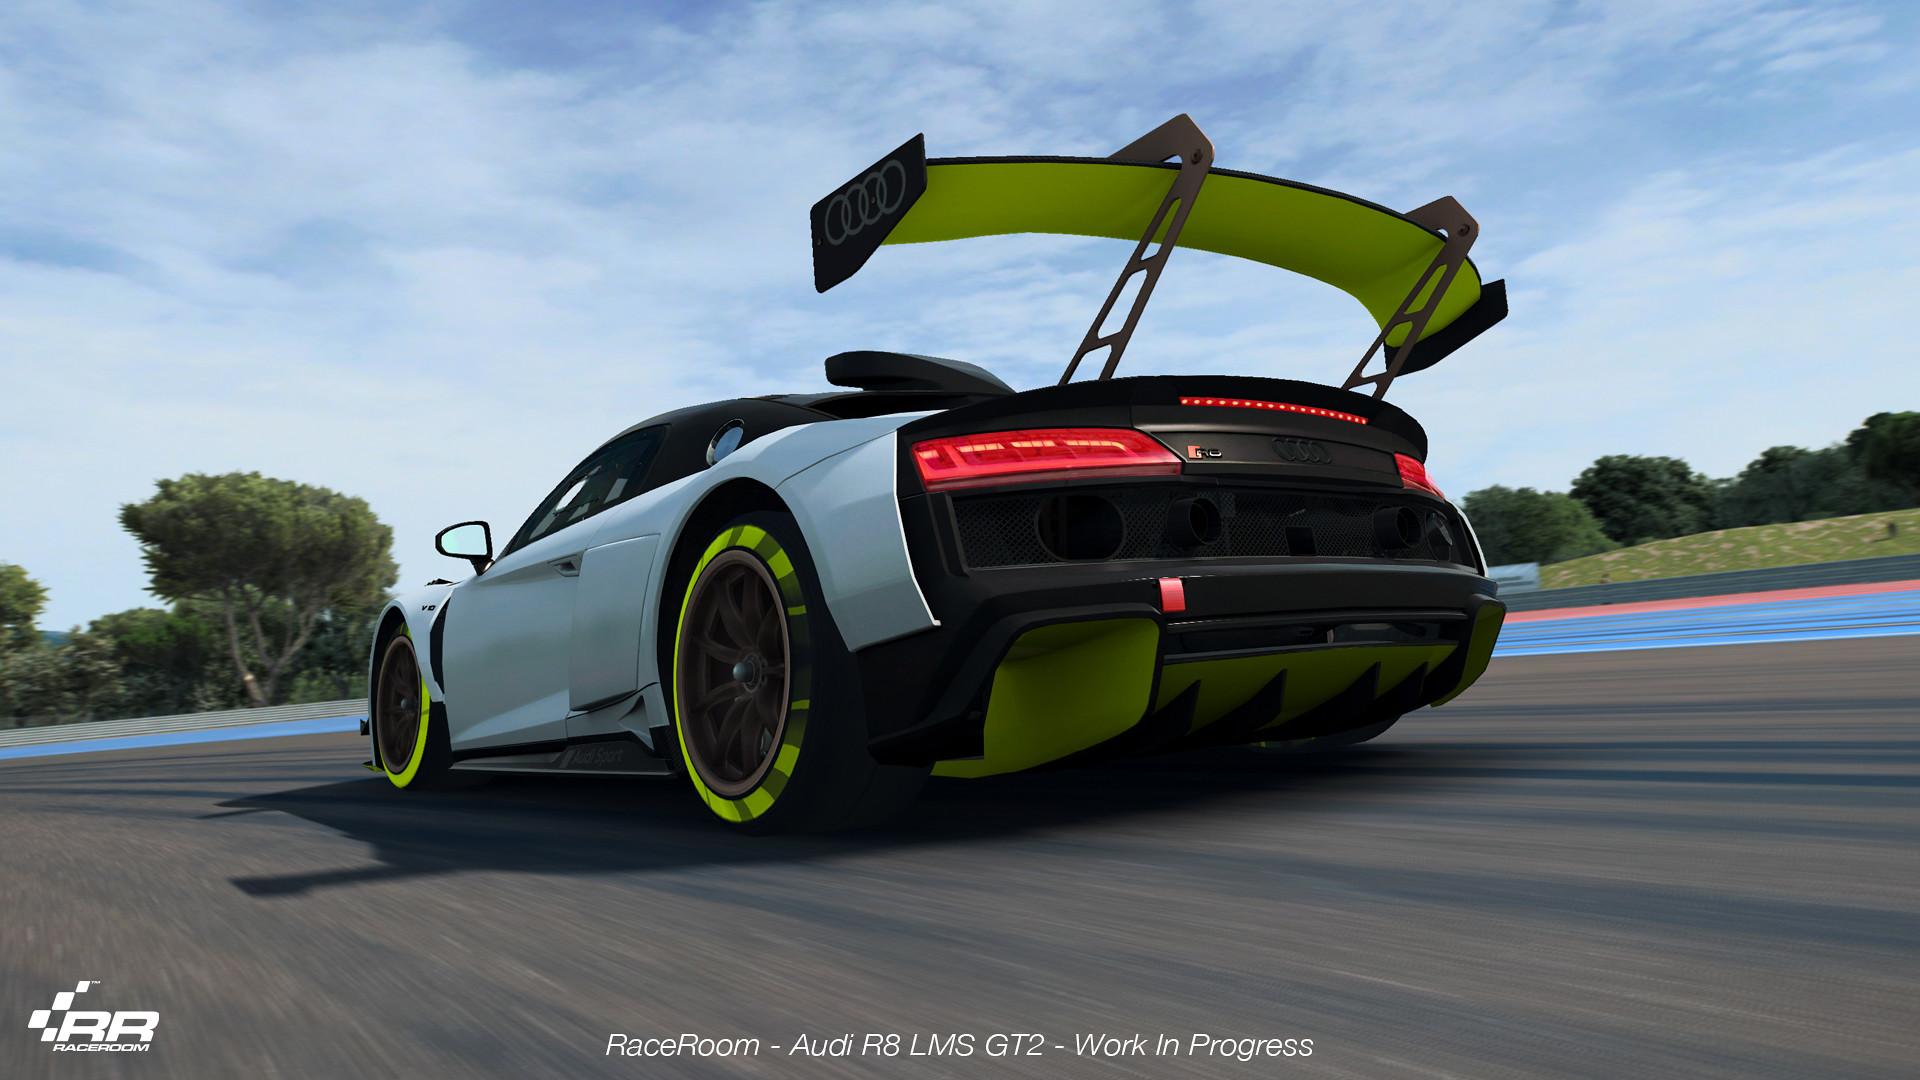 The Audi R8 LMS GT2 3